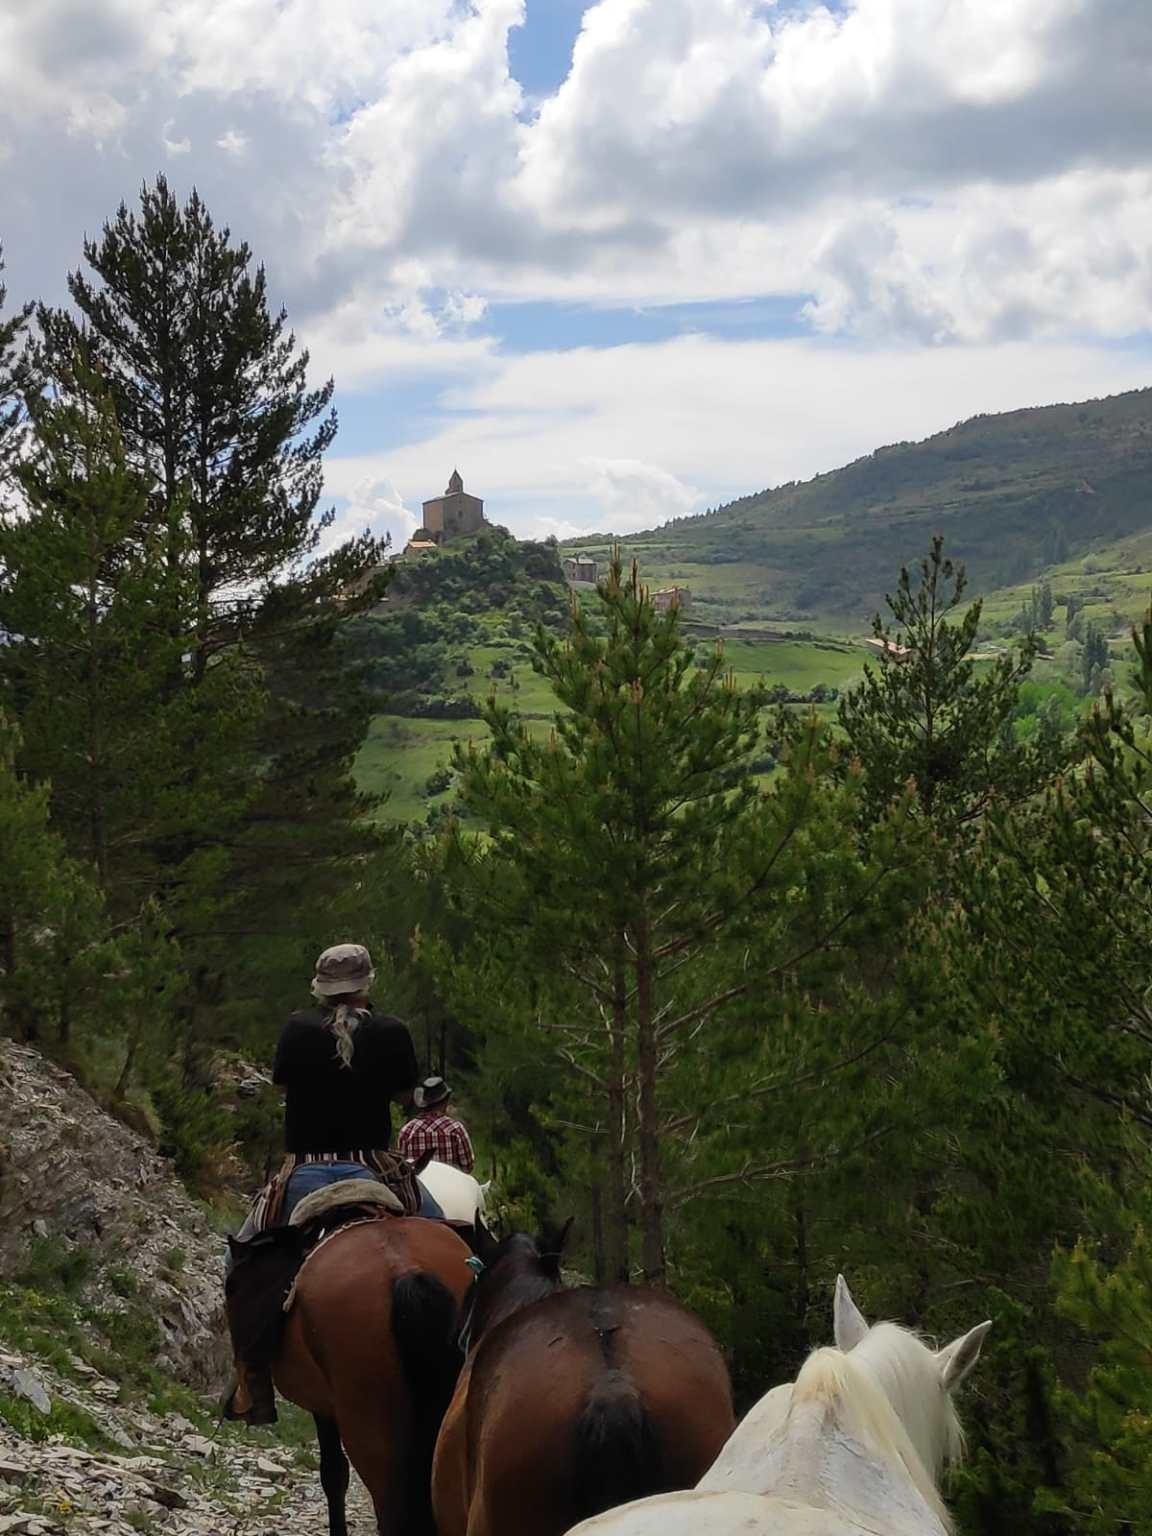 Camí a cavall, Josa de Cadí